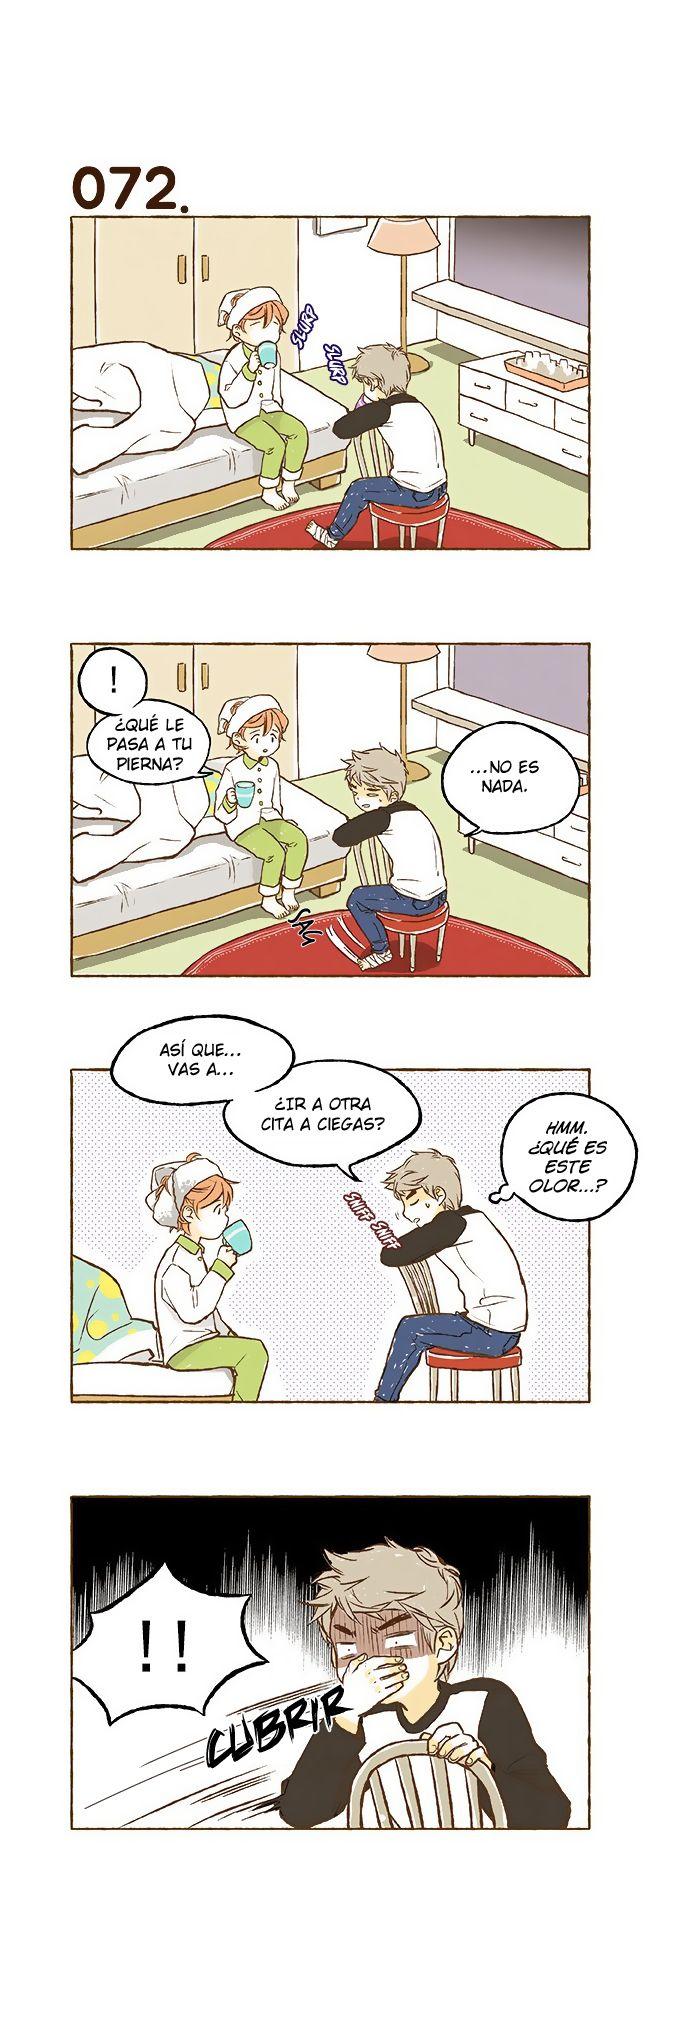 http://c5.ninemanga.com/es_manga/61/17725/472776/ec97055bfab75a355415d30837306e12.jpg Page 3